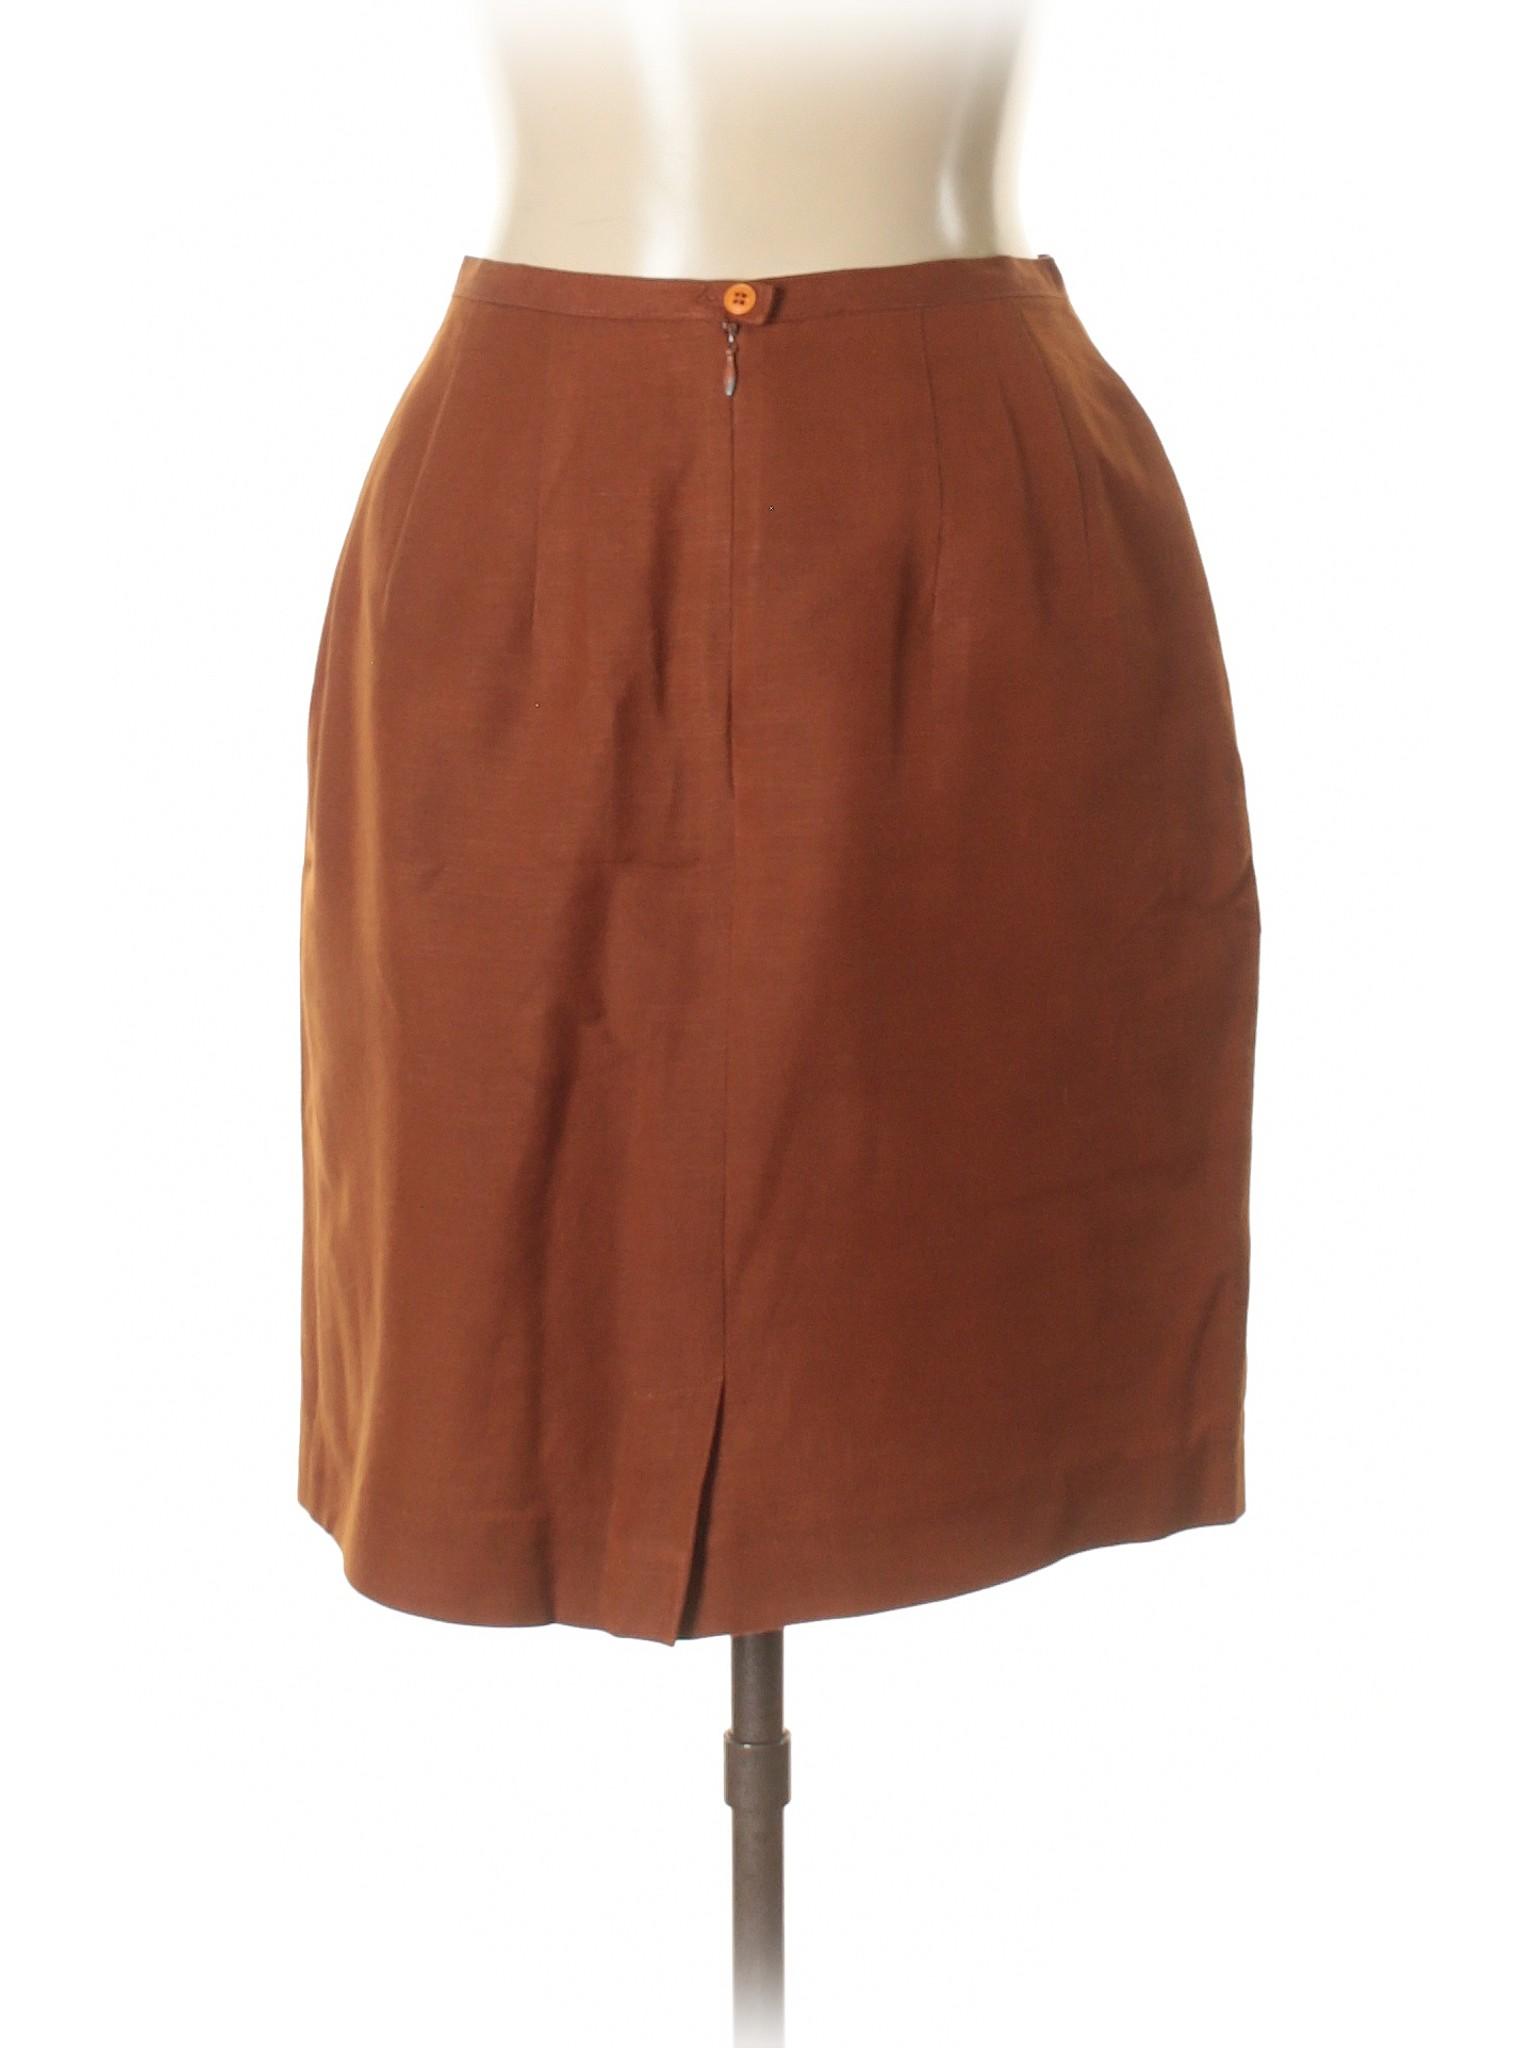 Boutique Casual Boutique Boutique Casual Casual Skirt Skirt Skirt Boutique Boutique Casual Skirt Casual q4FOHw